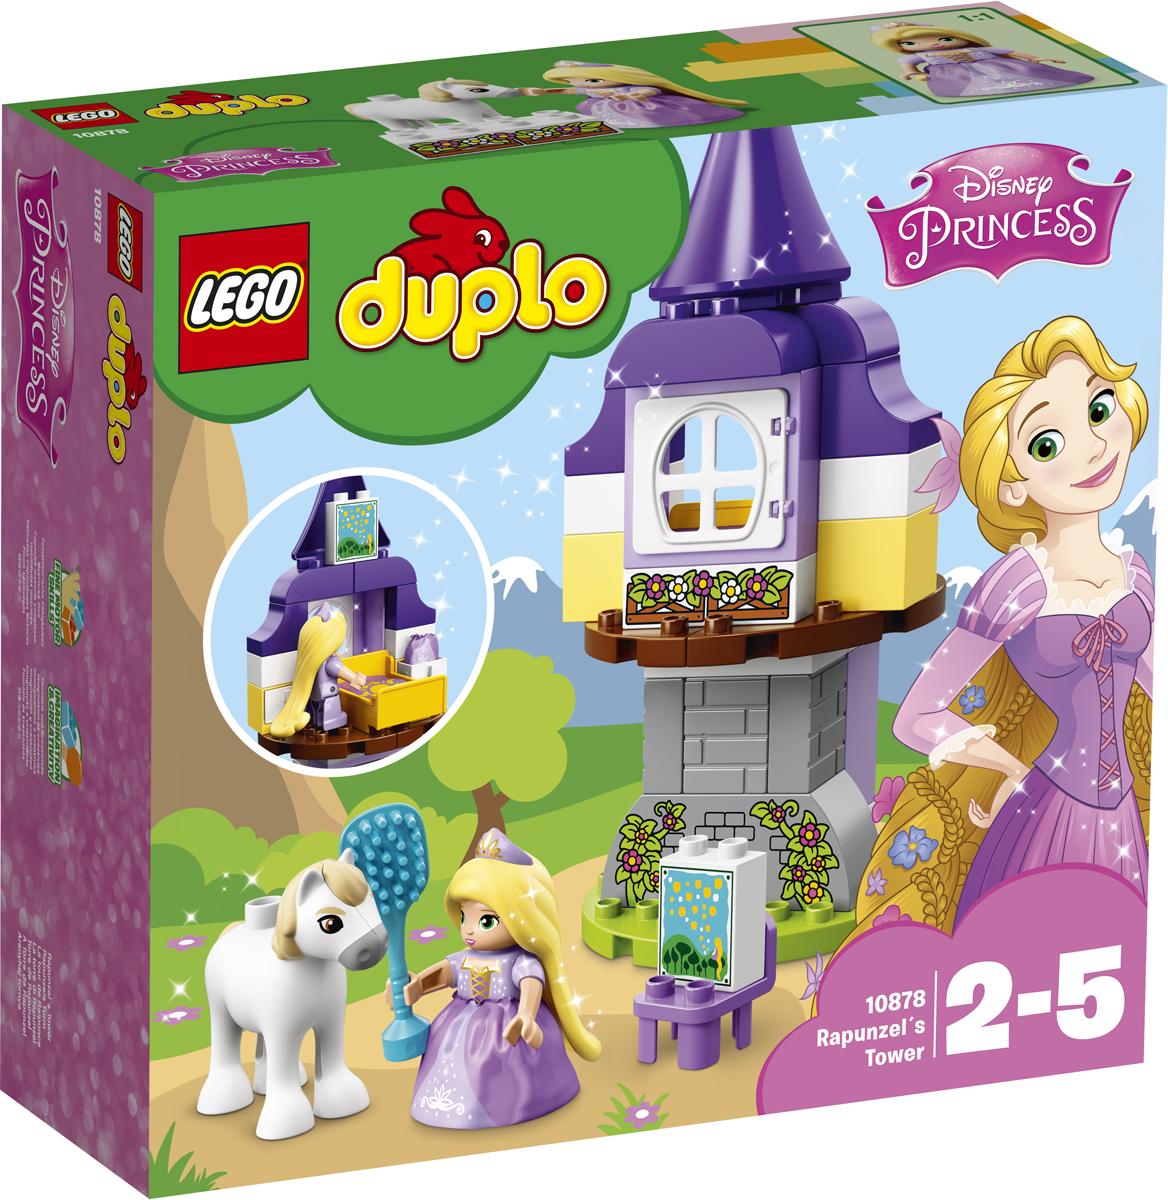 LEGO DUPLO Princess Конструктор Башня Рапунцель 10878 hasbro кукла рапунцель принцессы дисней